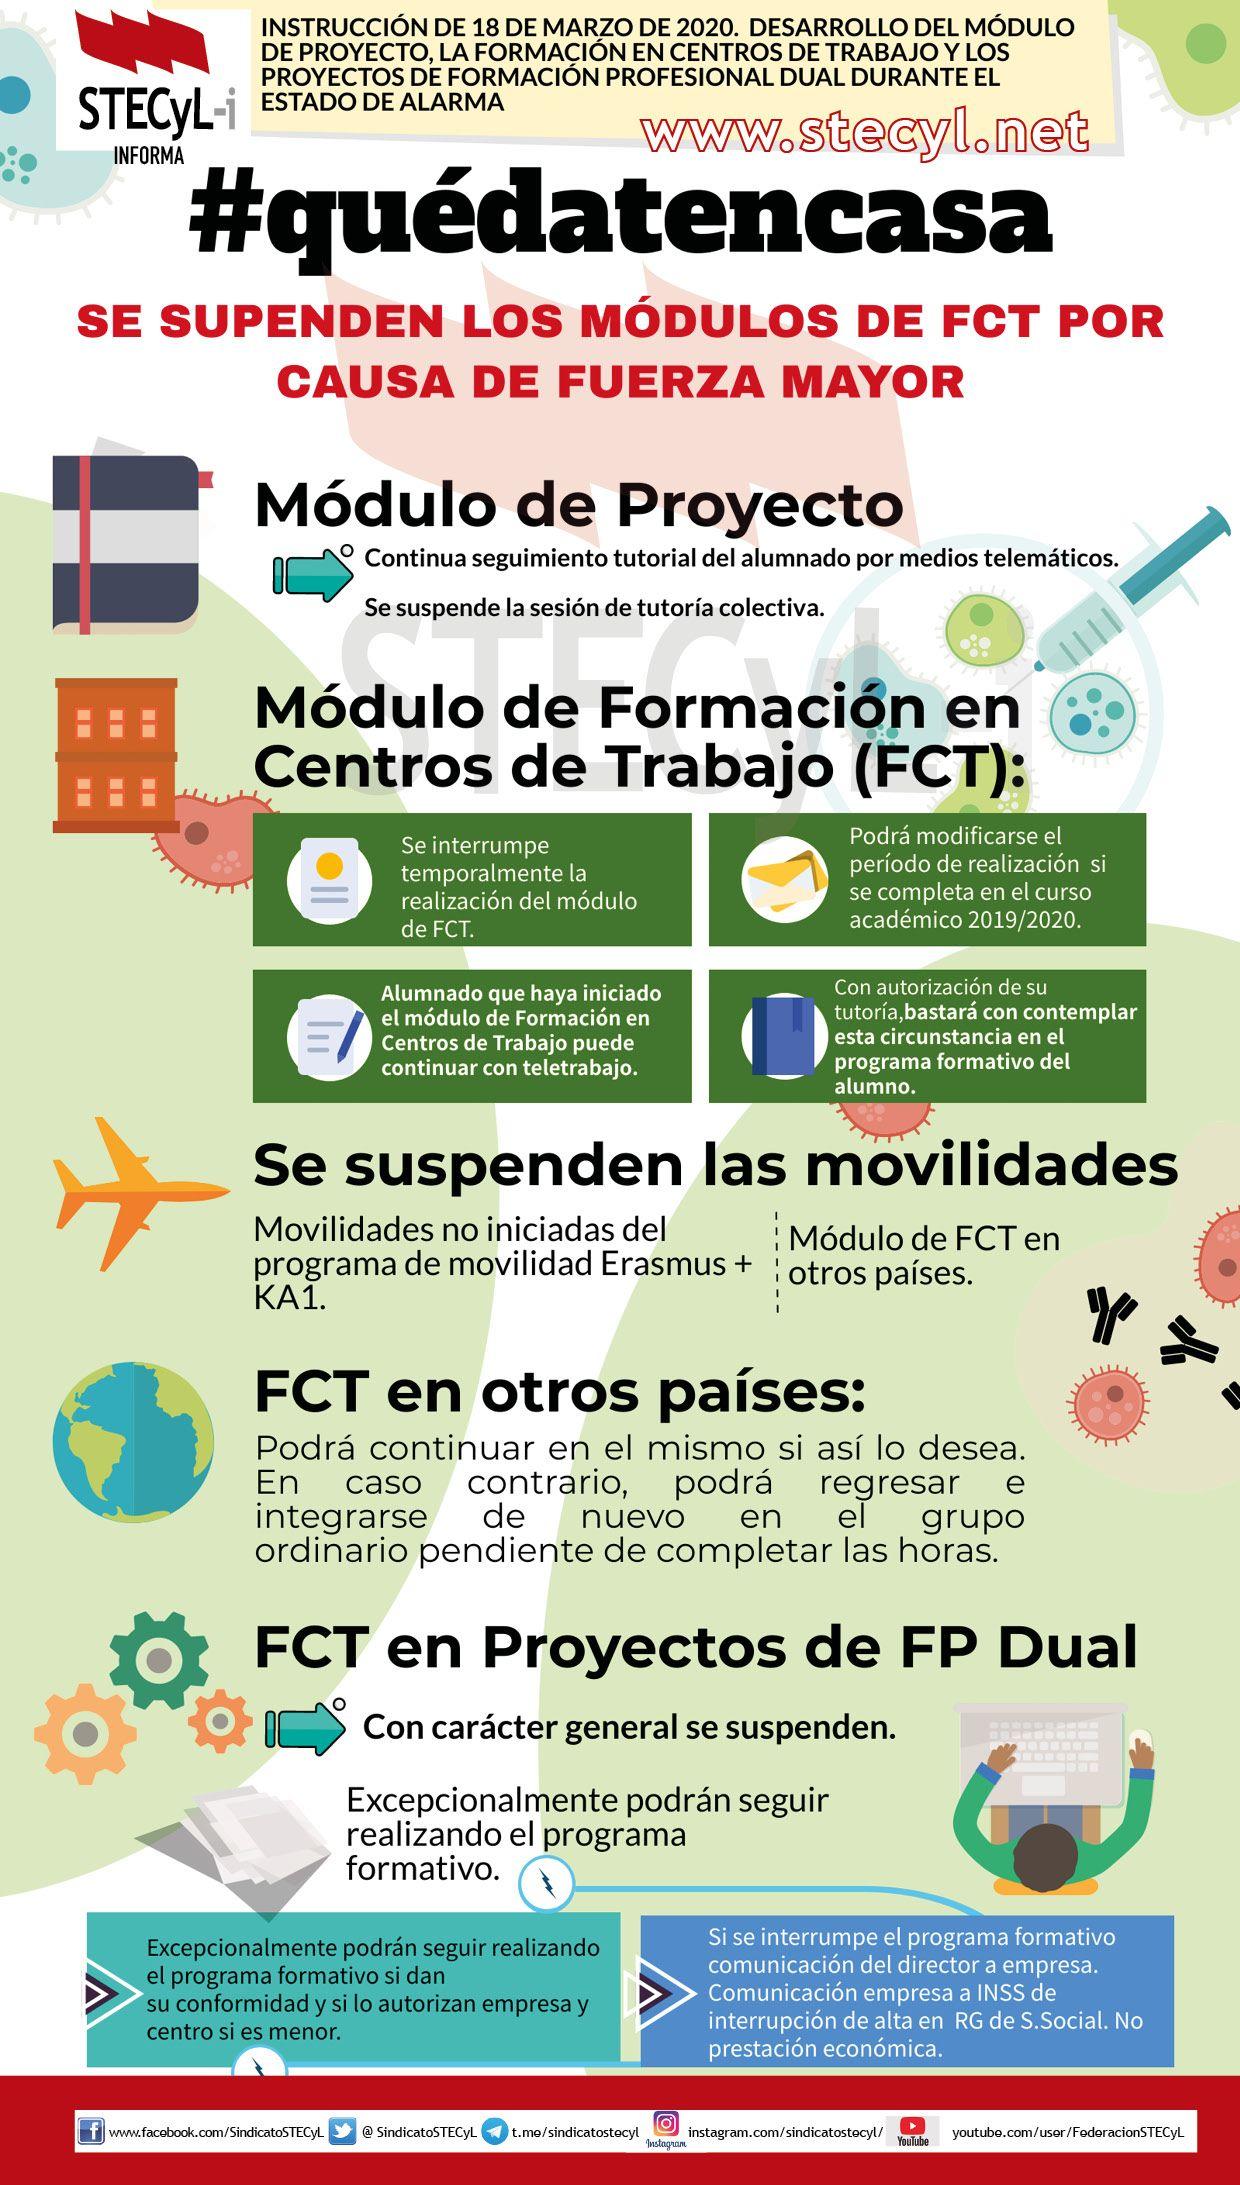 Instrucciones Para Los Estudiantes De Fp Durante La Crisis Sanitaria Stecyl I